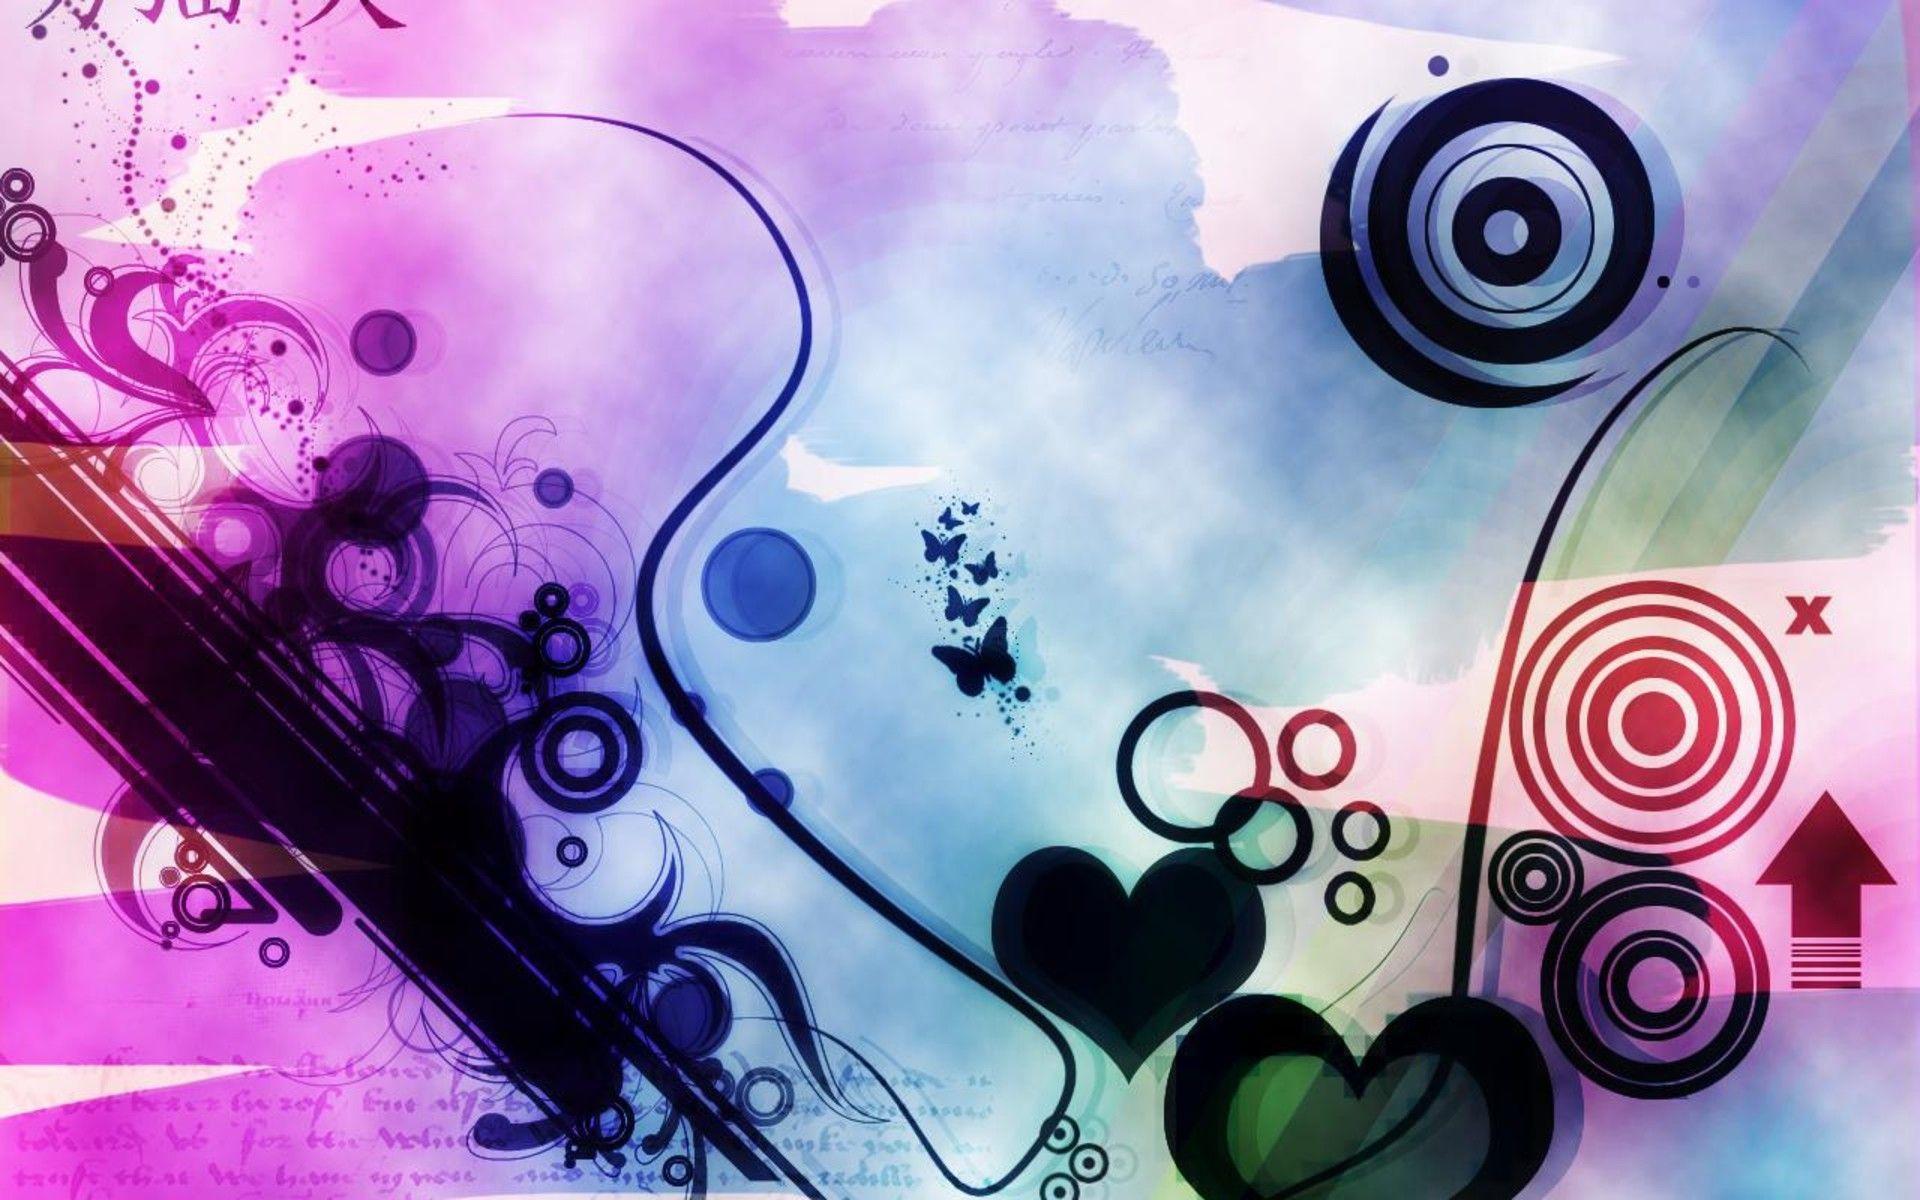 Abstract Love Art Wallpaper